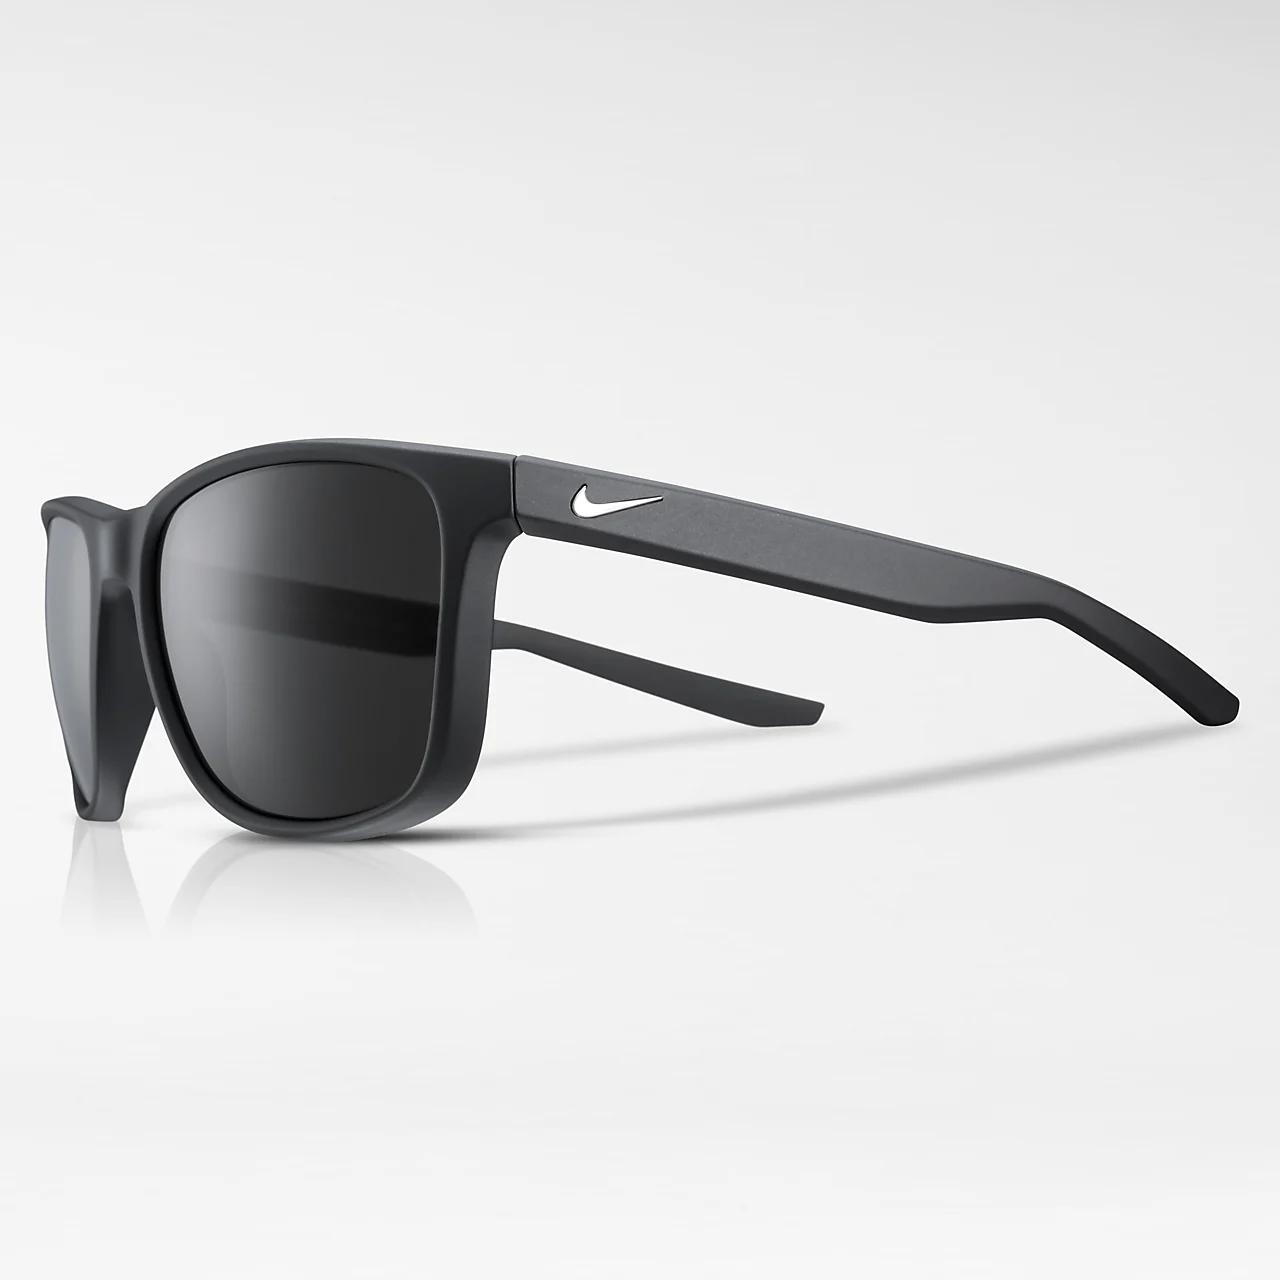 나이키 에센셜 디베이트 편광 선글라스 EV1124-010